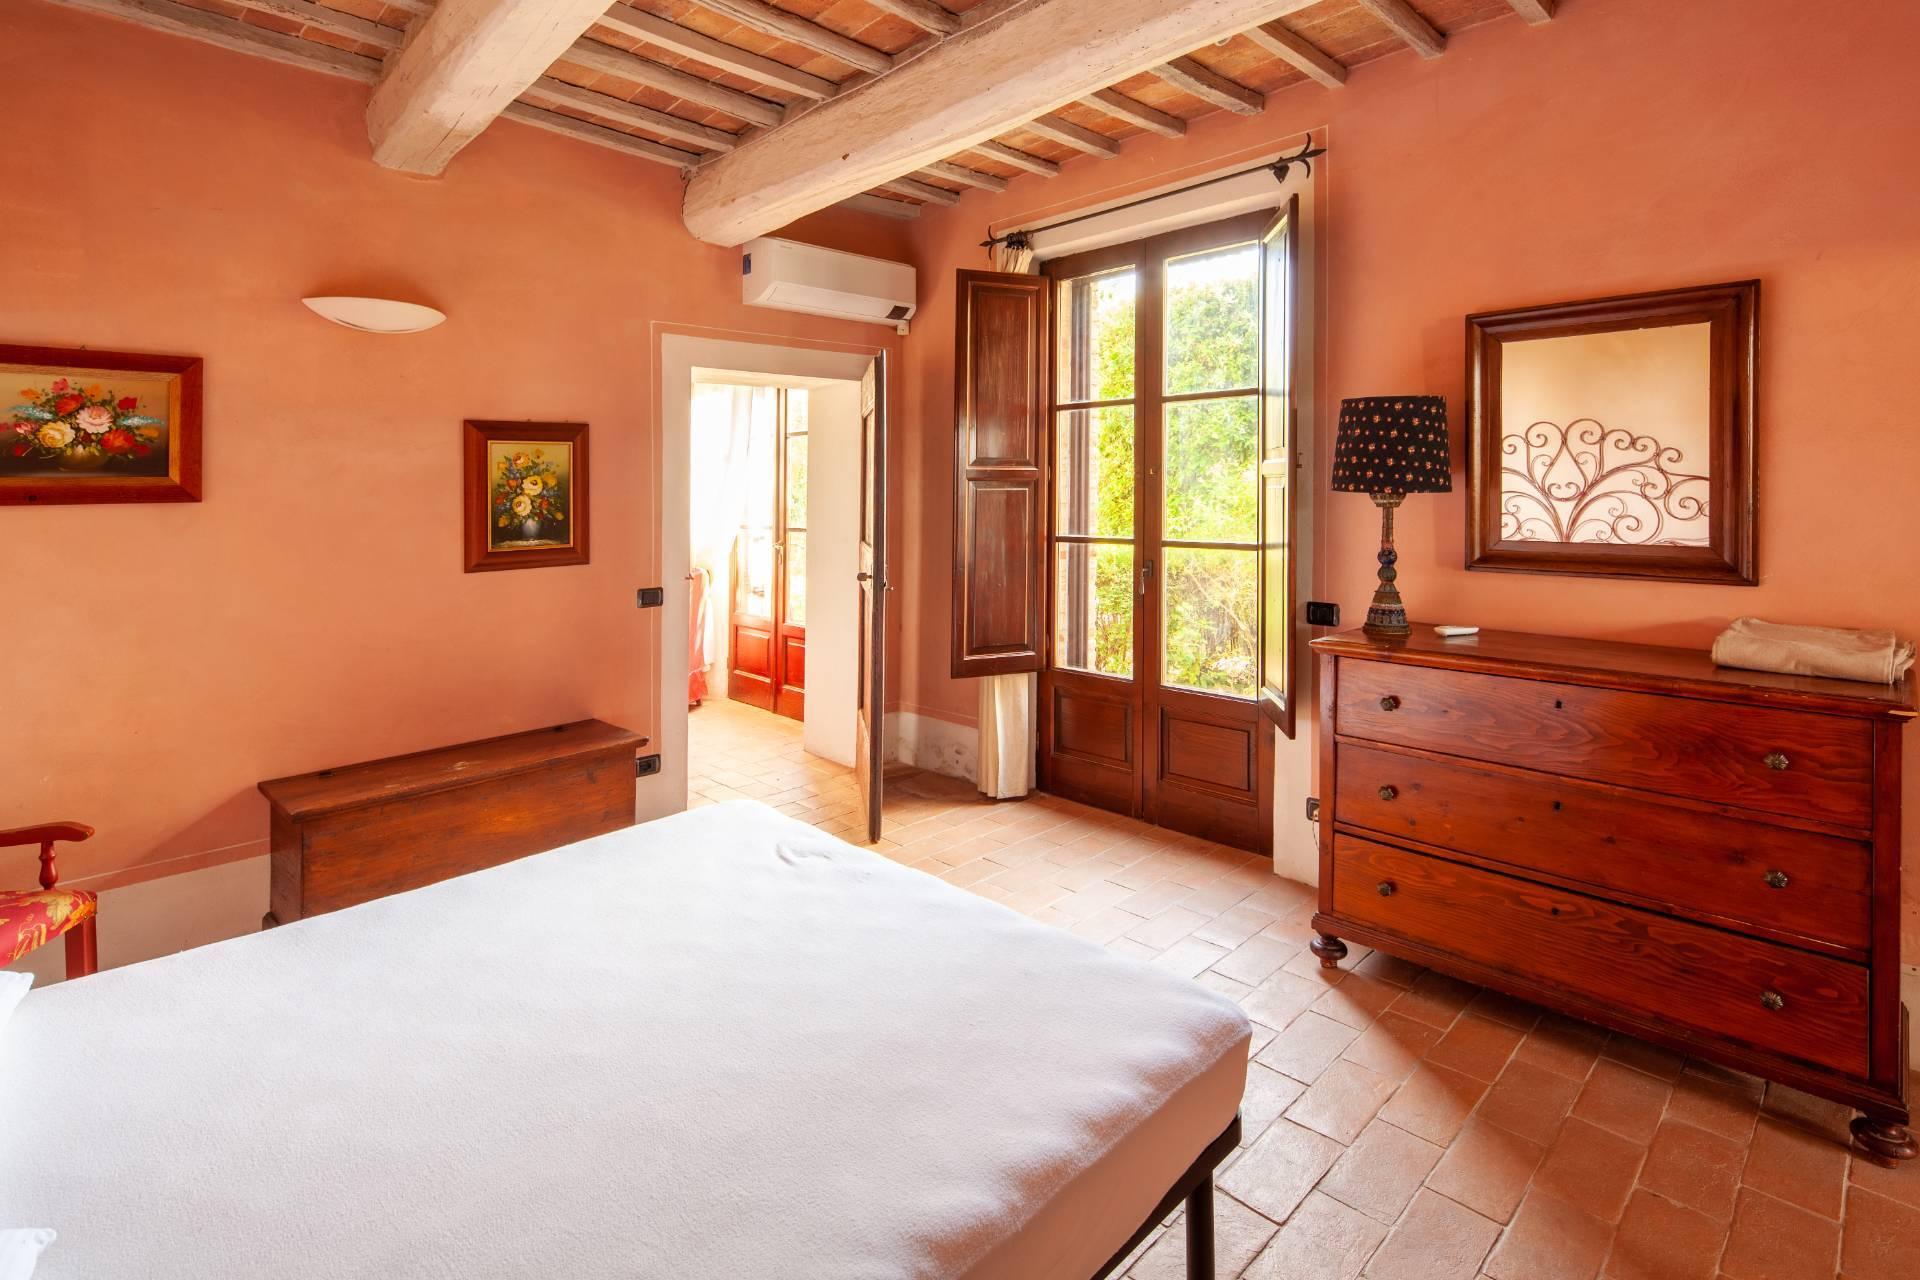 Villa in Vendita a Citta' Della Pieve: 5 locali, 300 mq - Foto 12